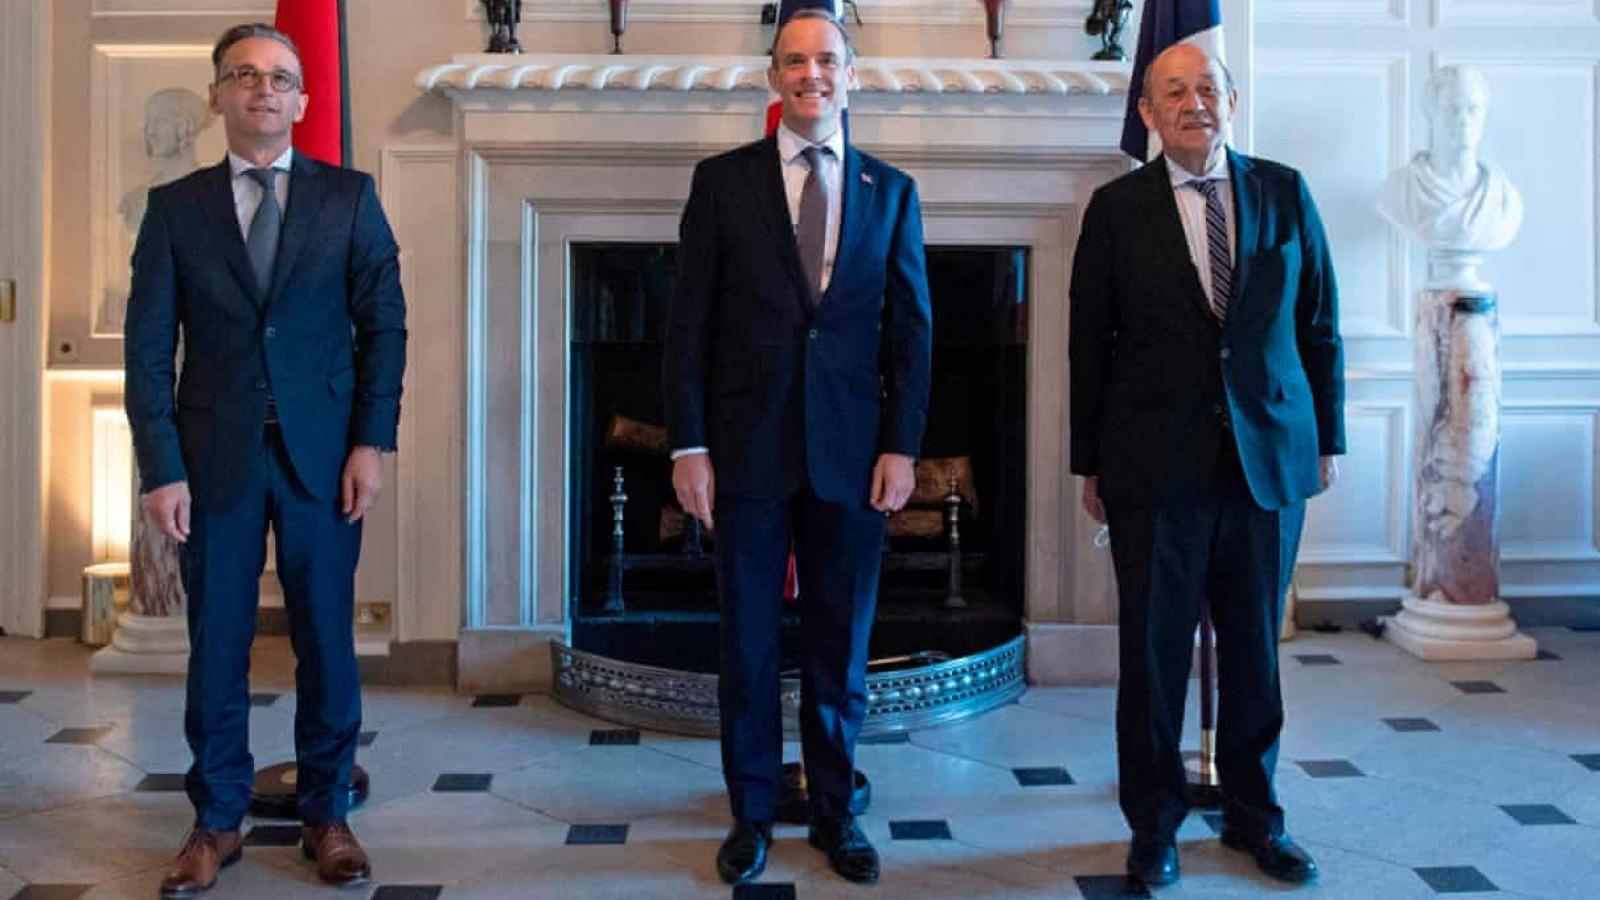 Anh–Pháp-Đức tiếp tục bác ý định tái trừng phạt Iran của Mỹ